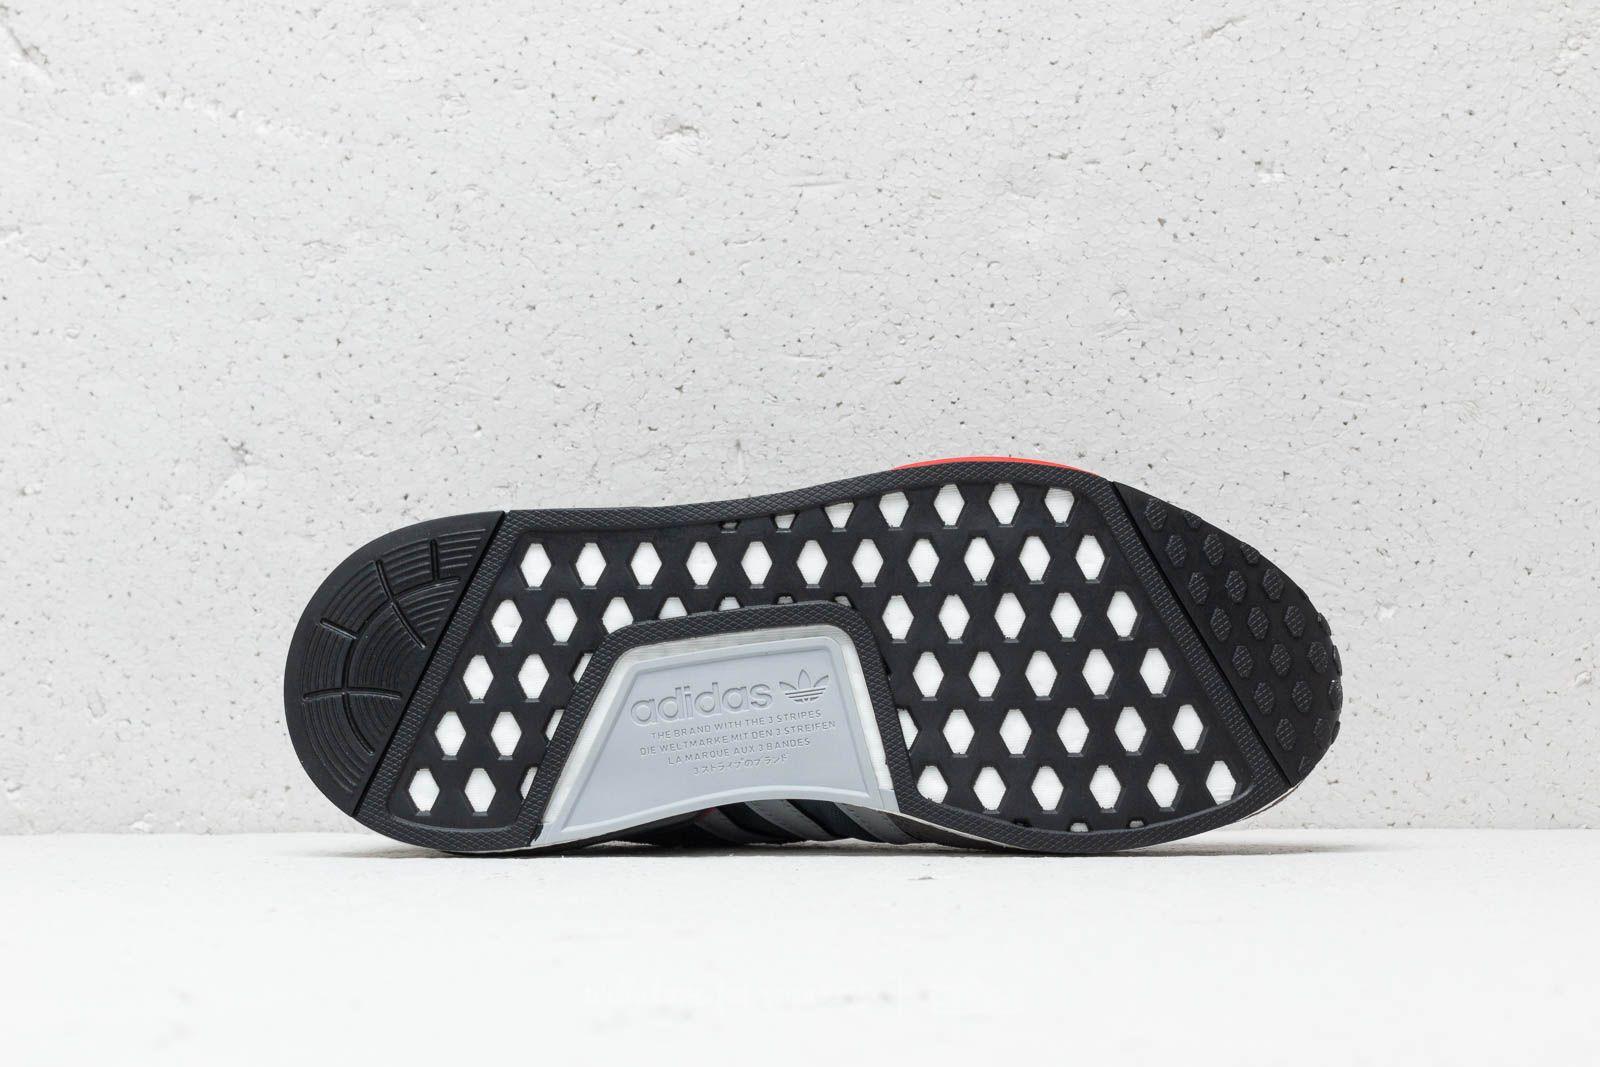 timeless design 3999c a624f adidas Boston Super x R1 Bold Onix Clear Onix Ftw White a muy buen